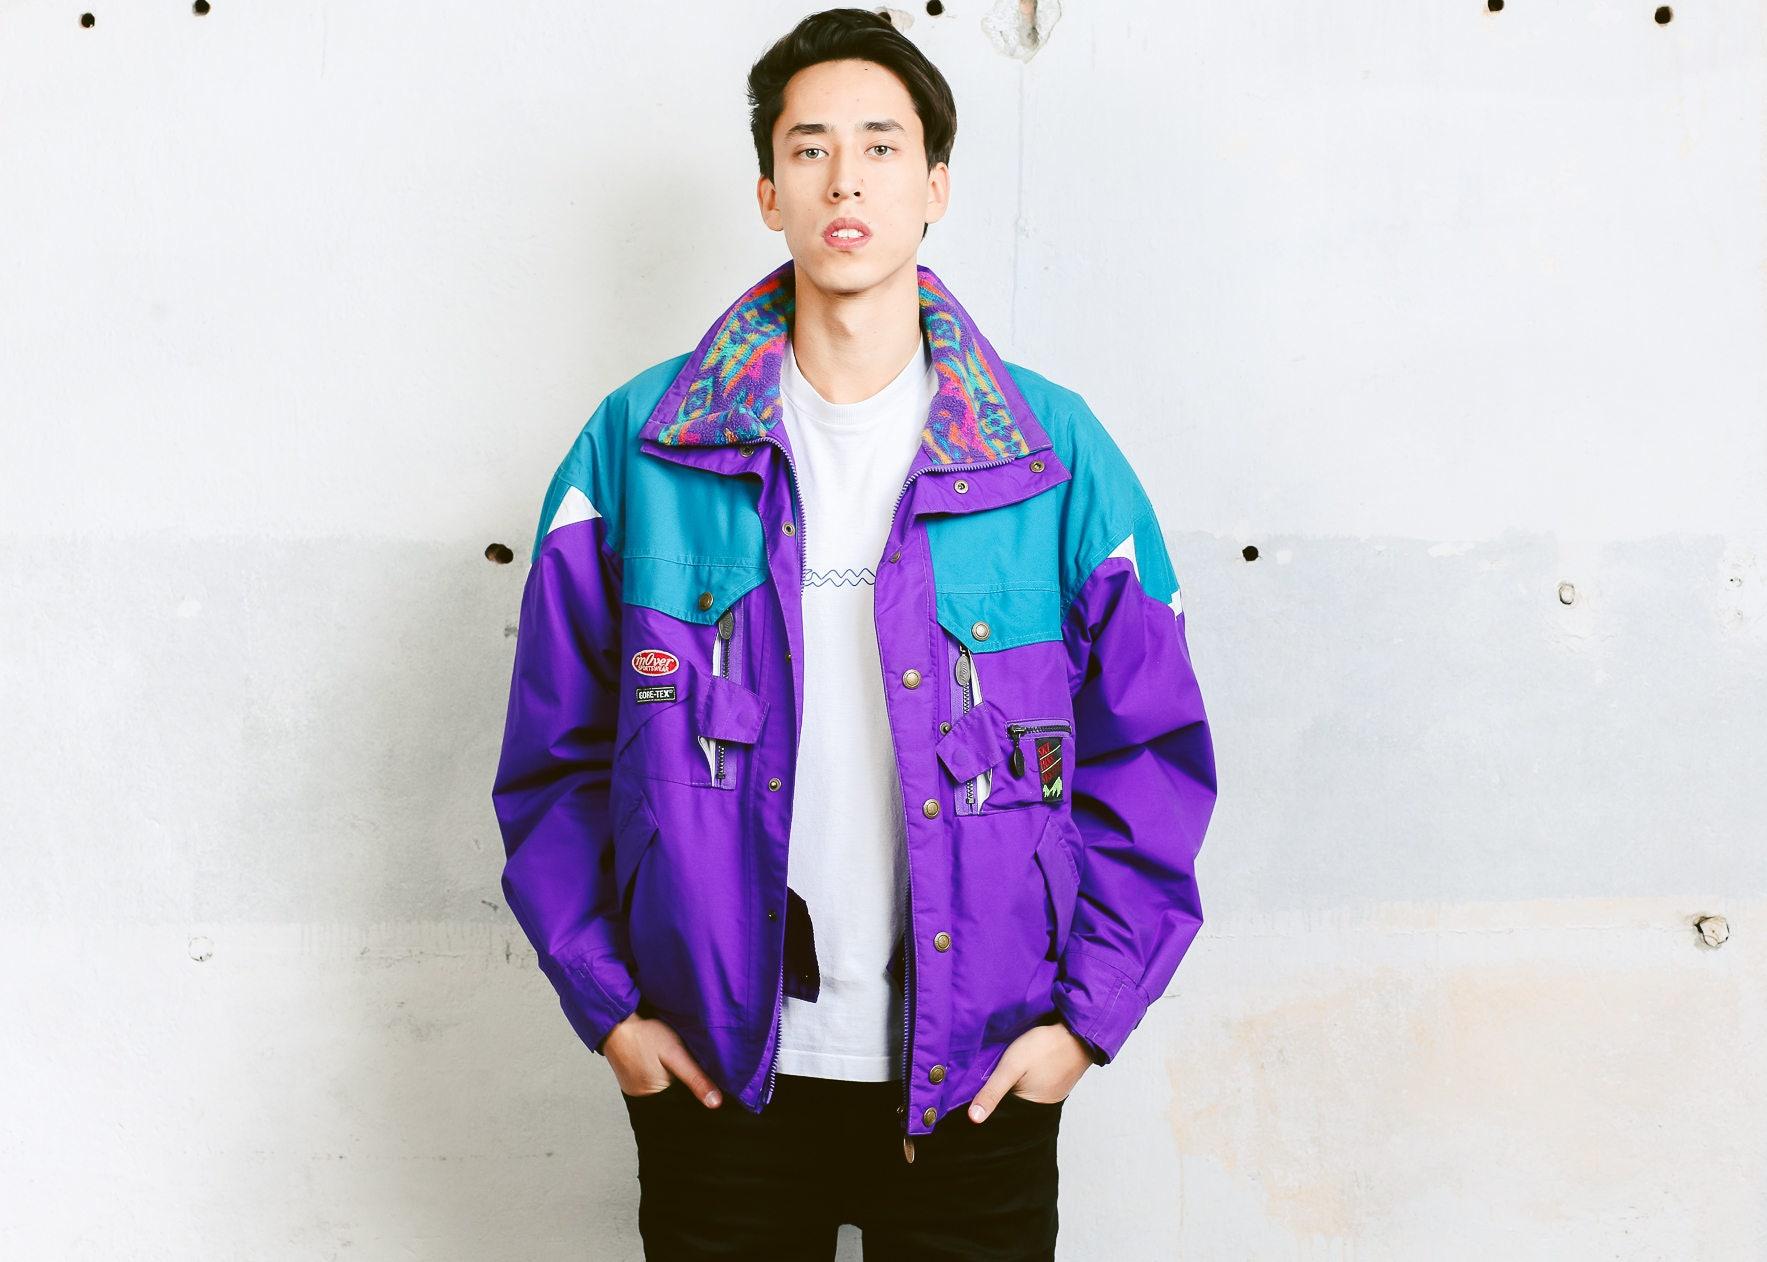 6d65086cf3 Mens Ski Jacket . Men 90s Parka Jacket Winter Jacket Zip Up Colorful ...